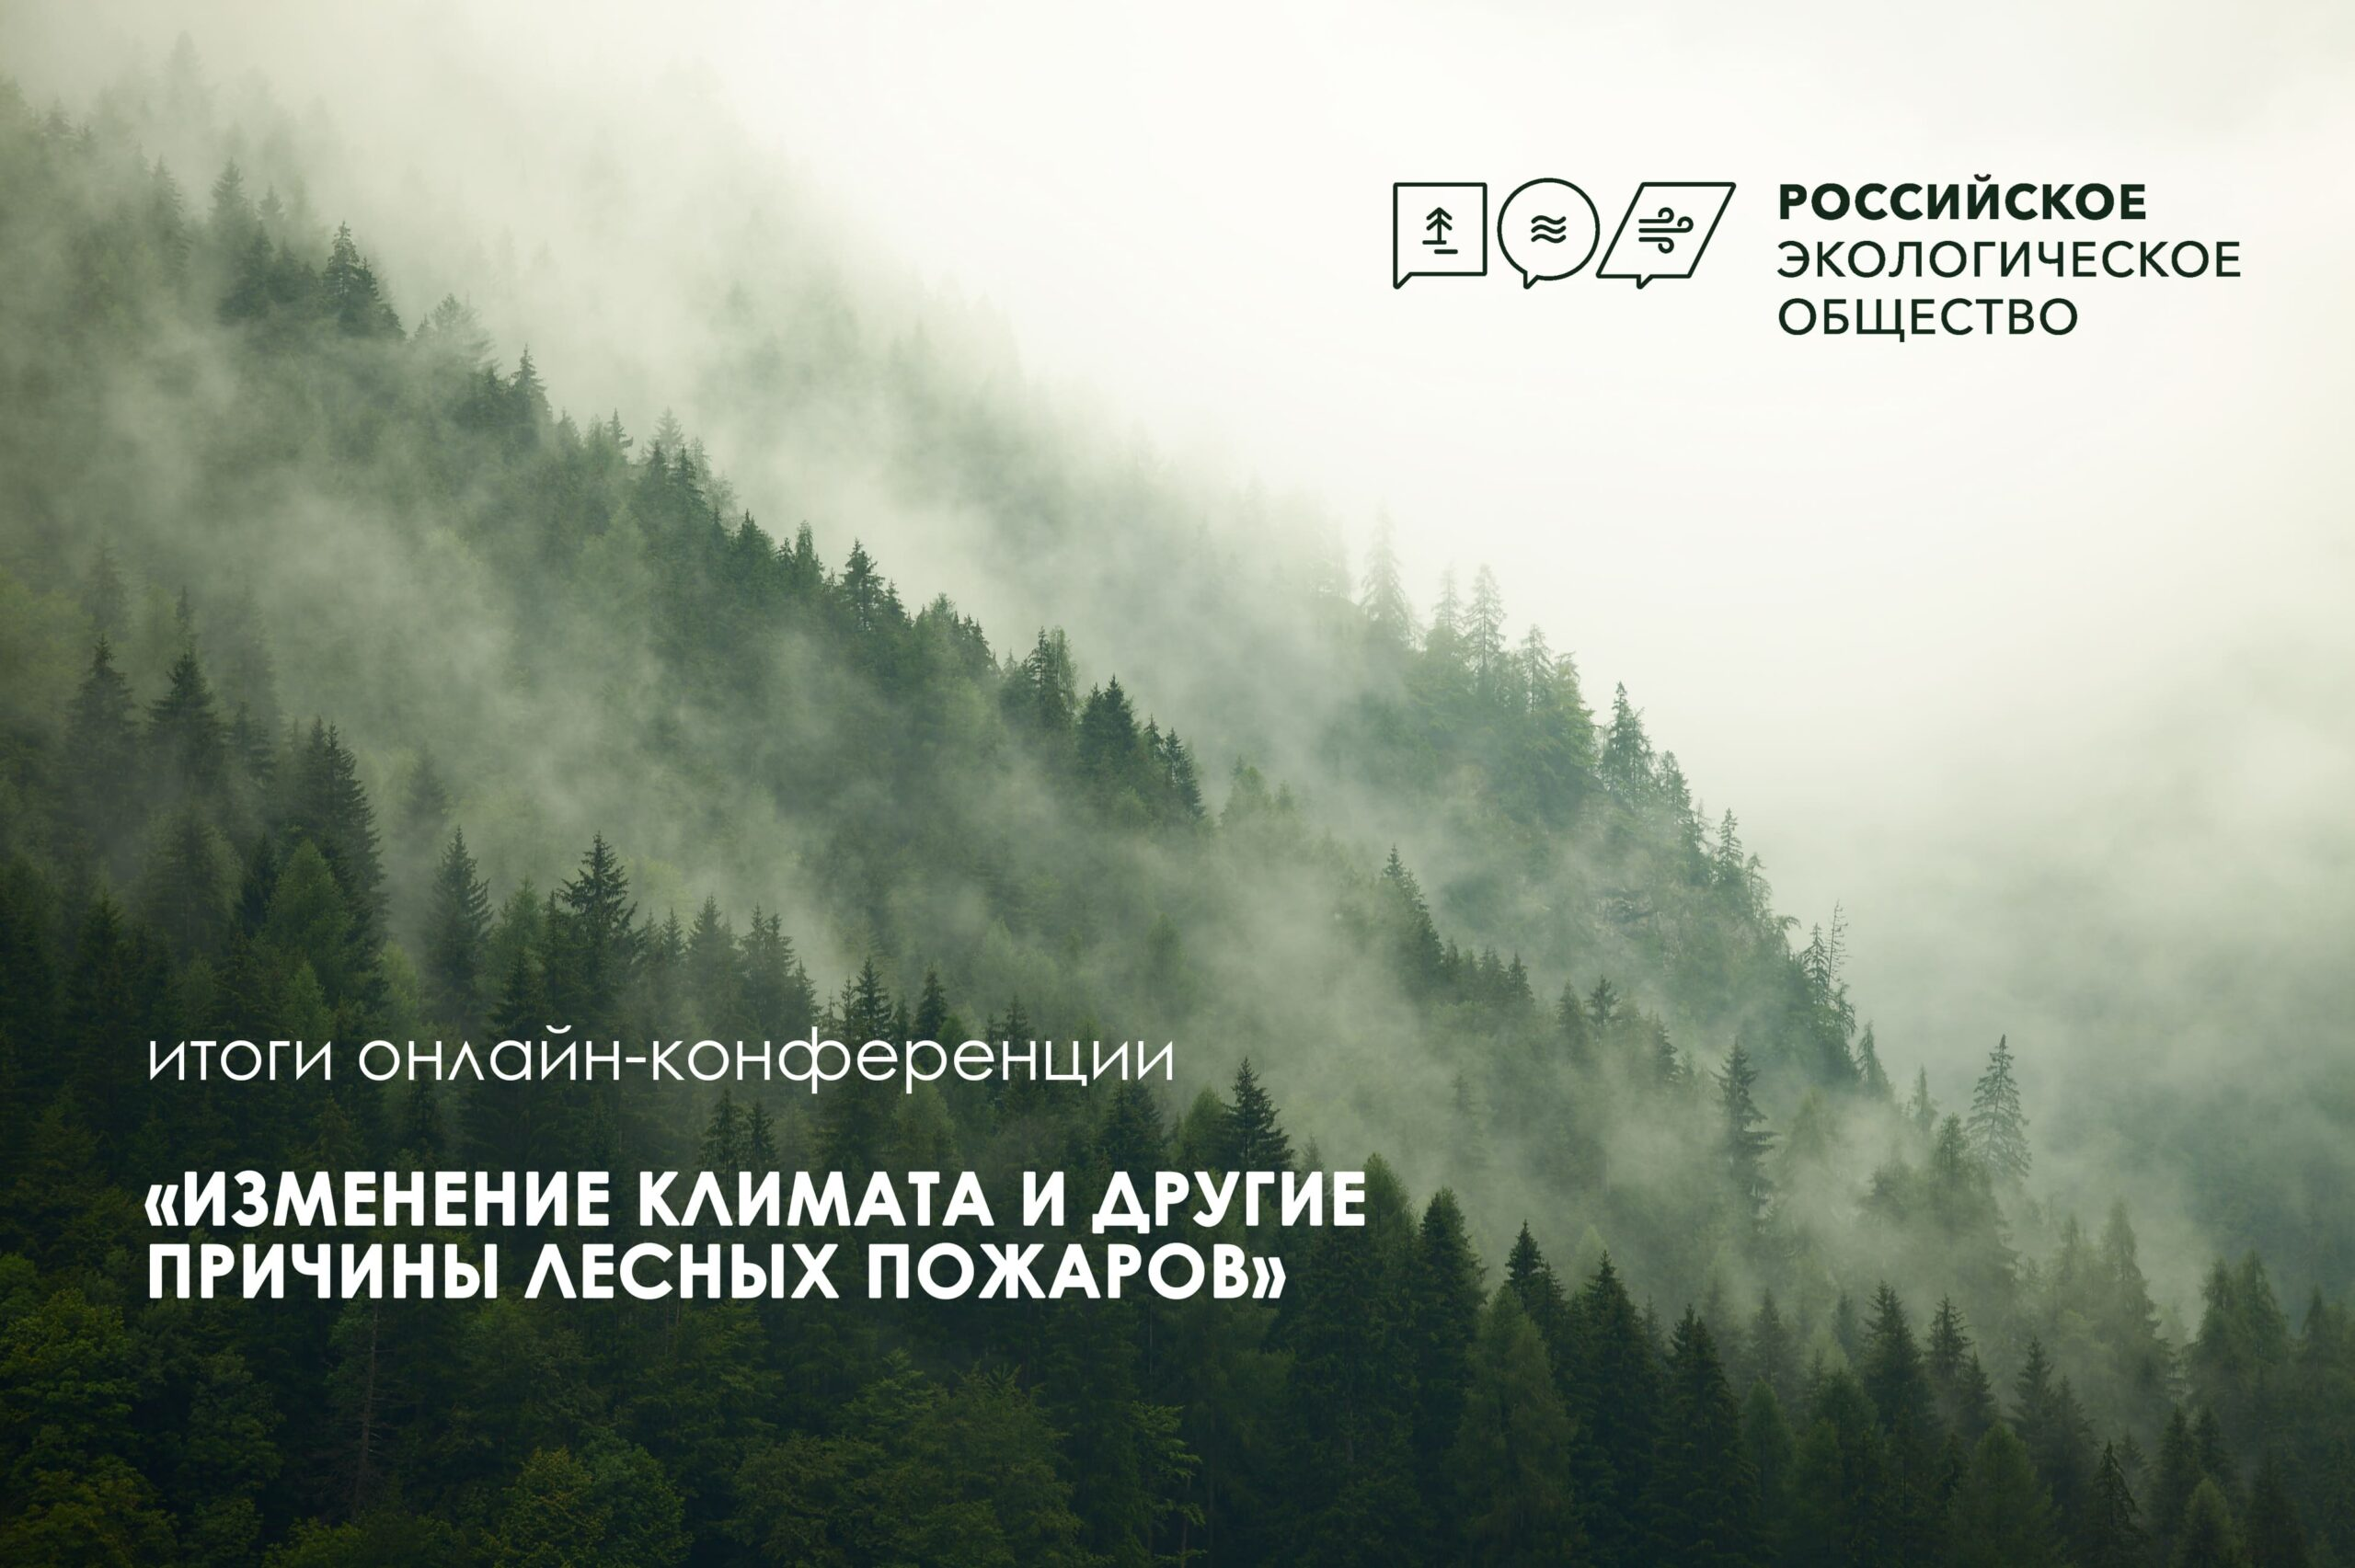 Изменение климата и проблемы лесных пожаров стали темой обсуждения на площадке Российского экологического общества